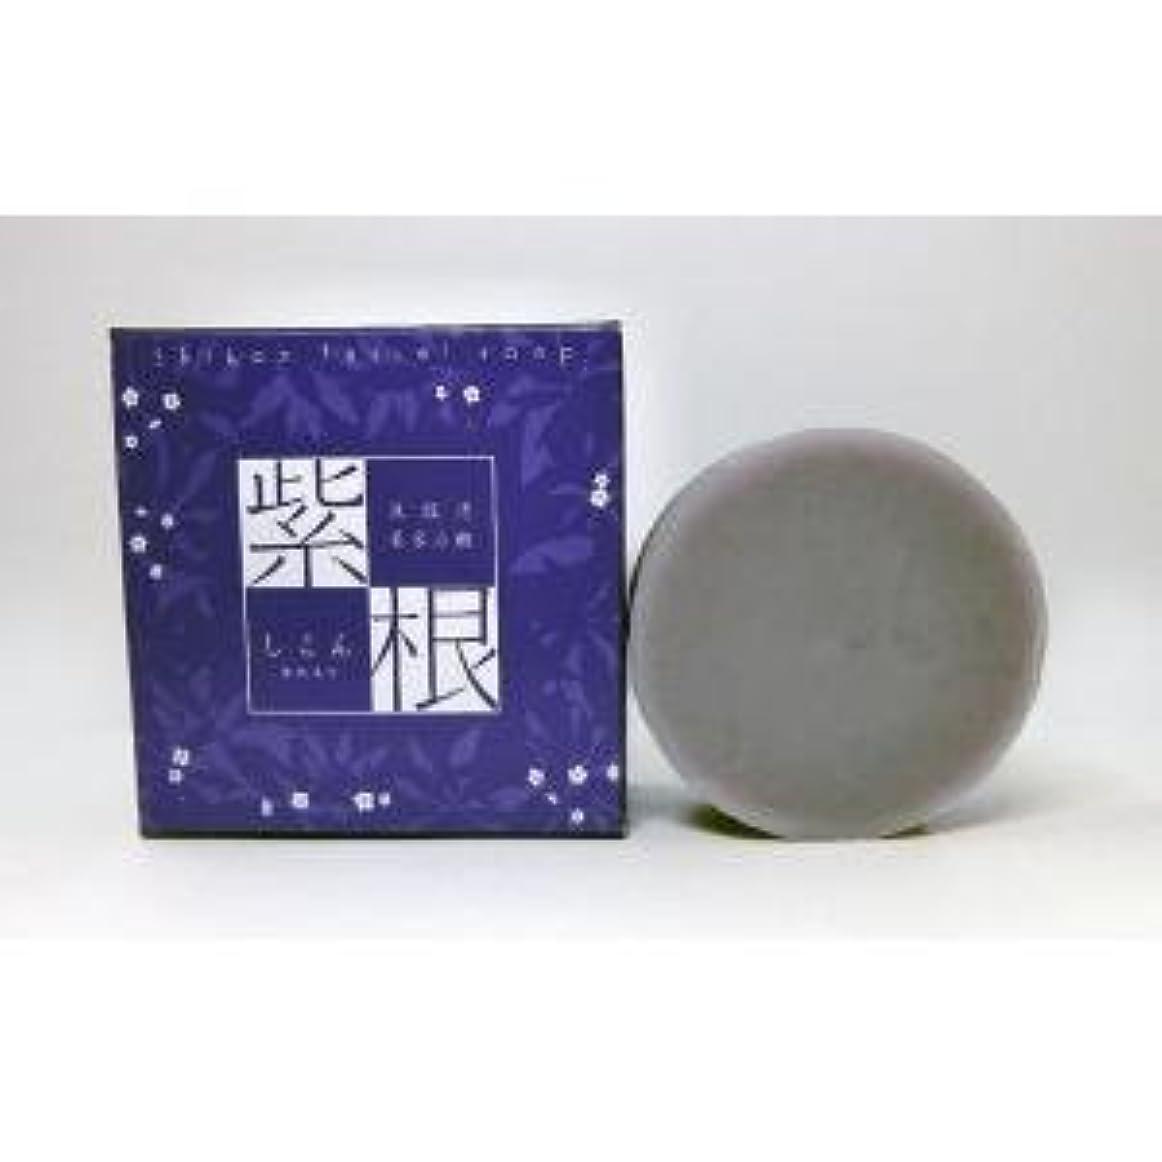 飲料上がる切り刻む紫根石鹸 100g×5個セット